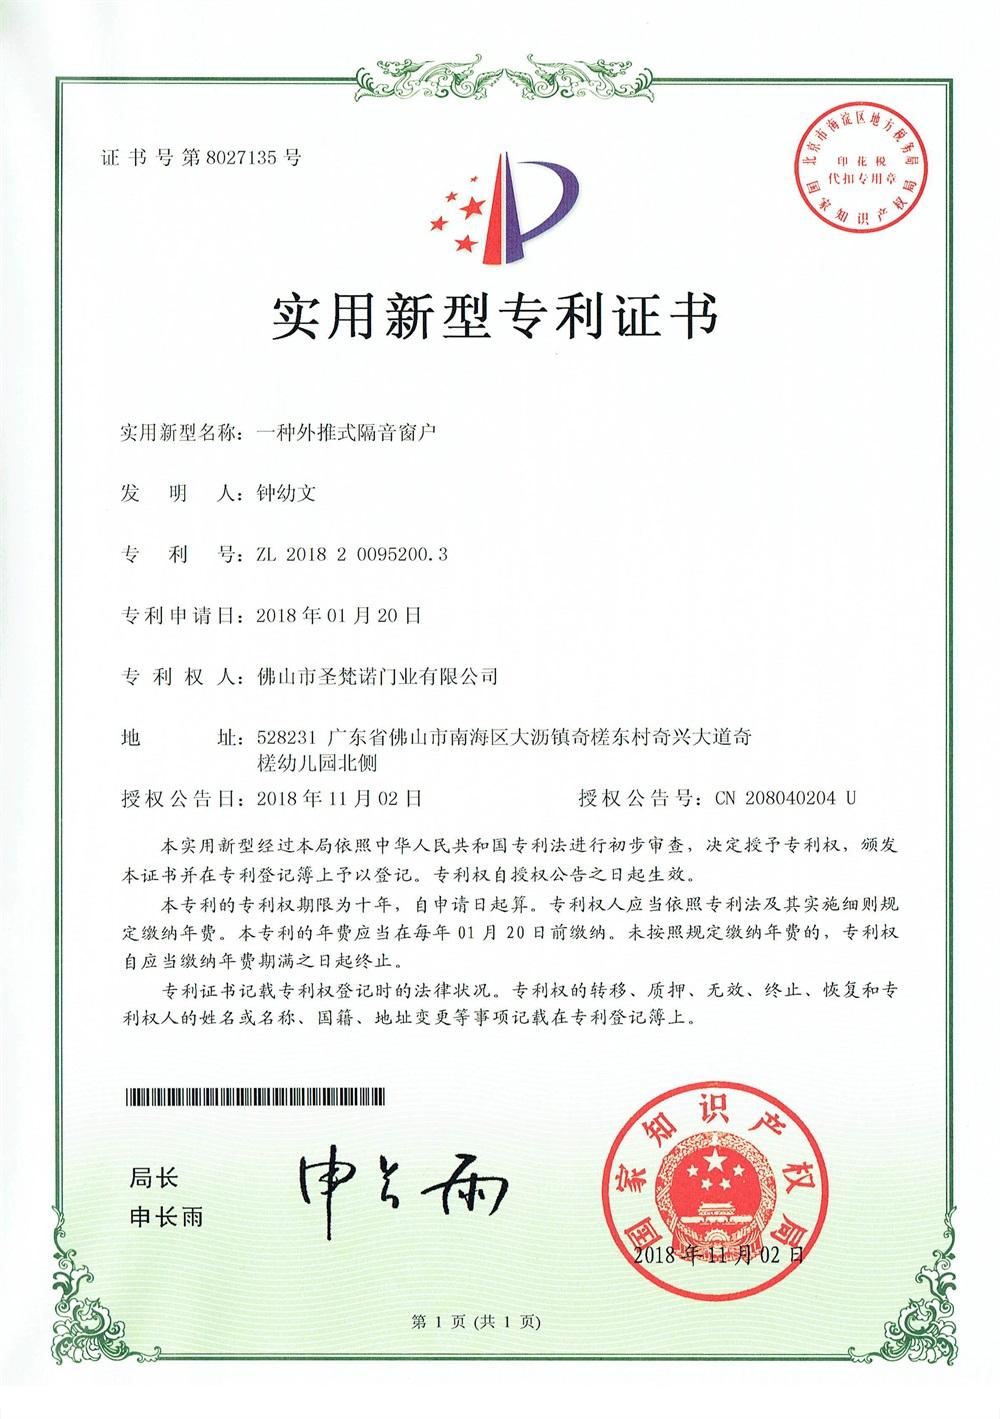 圣梵诺门窗荣获国家十大实用新型专利证书!